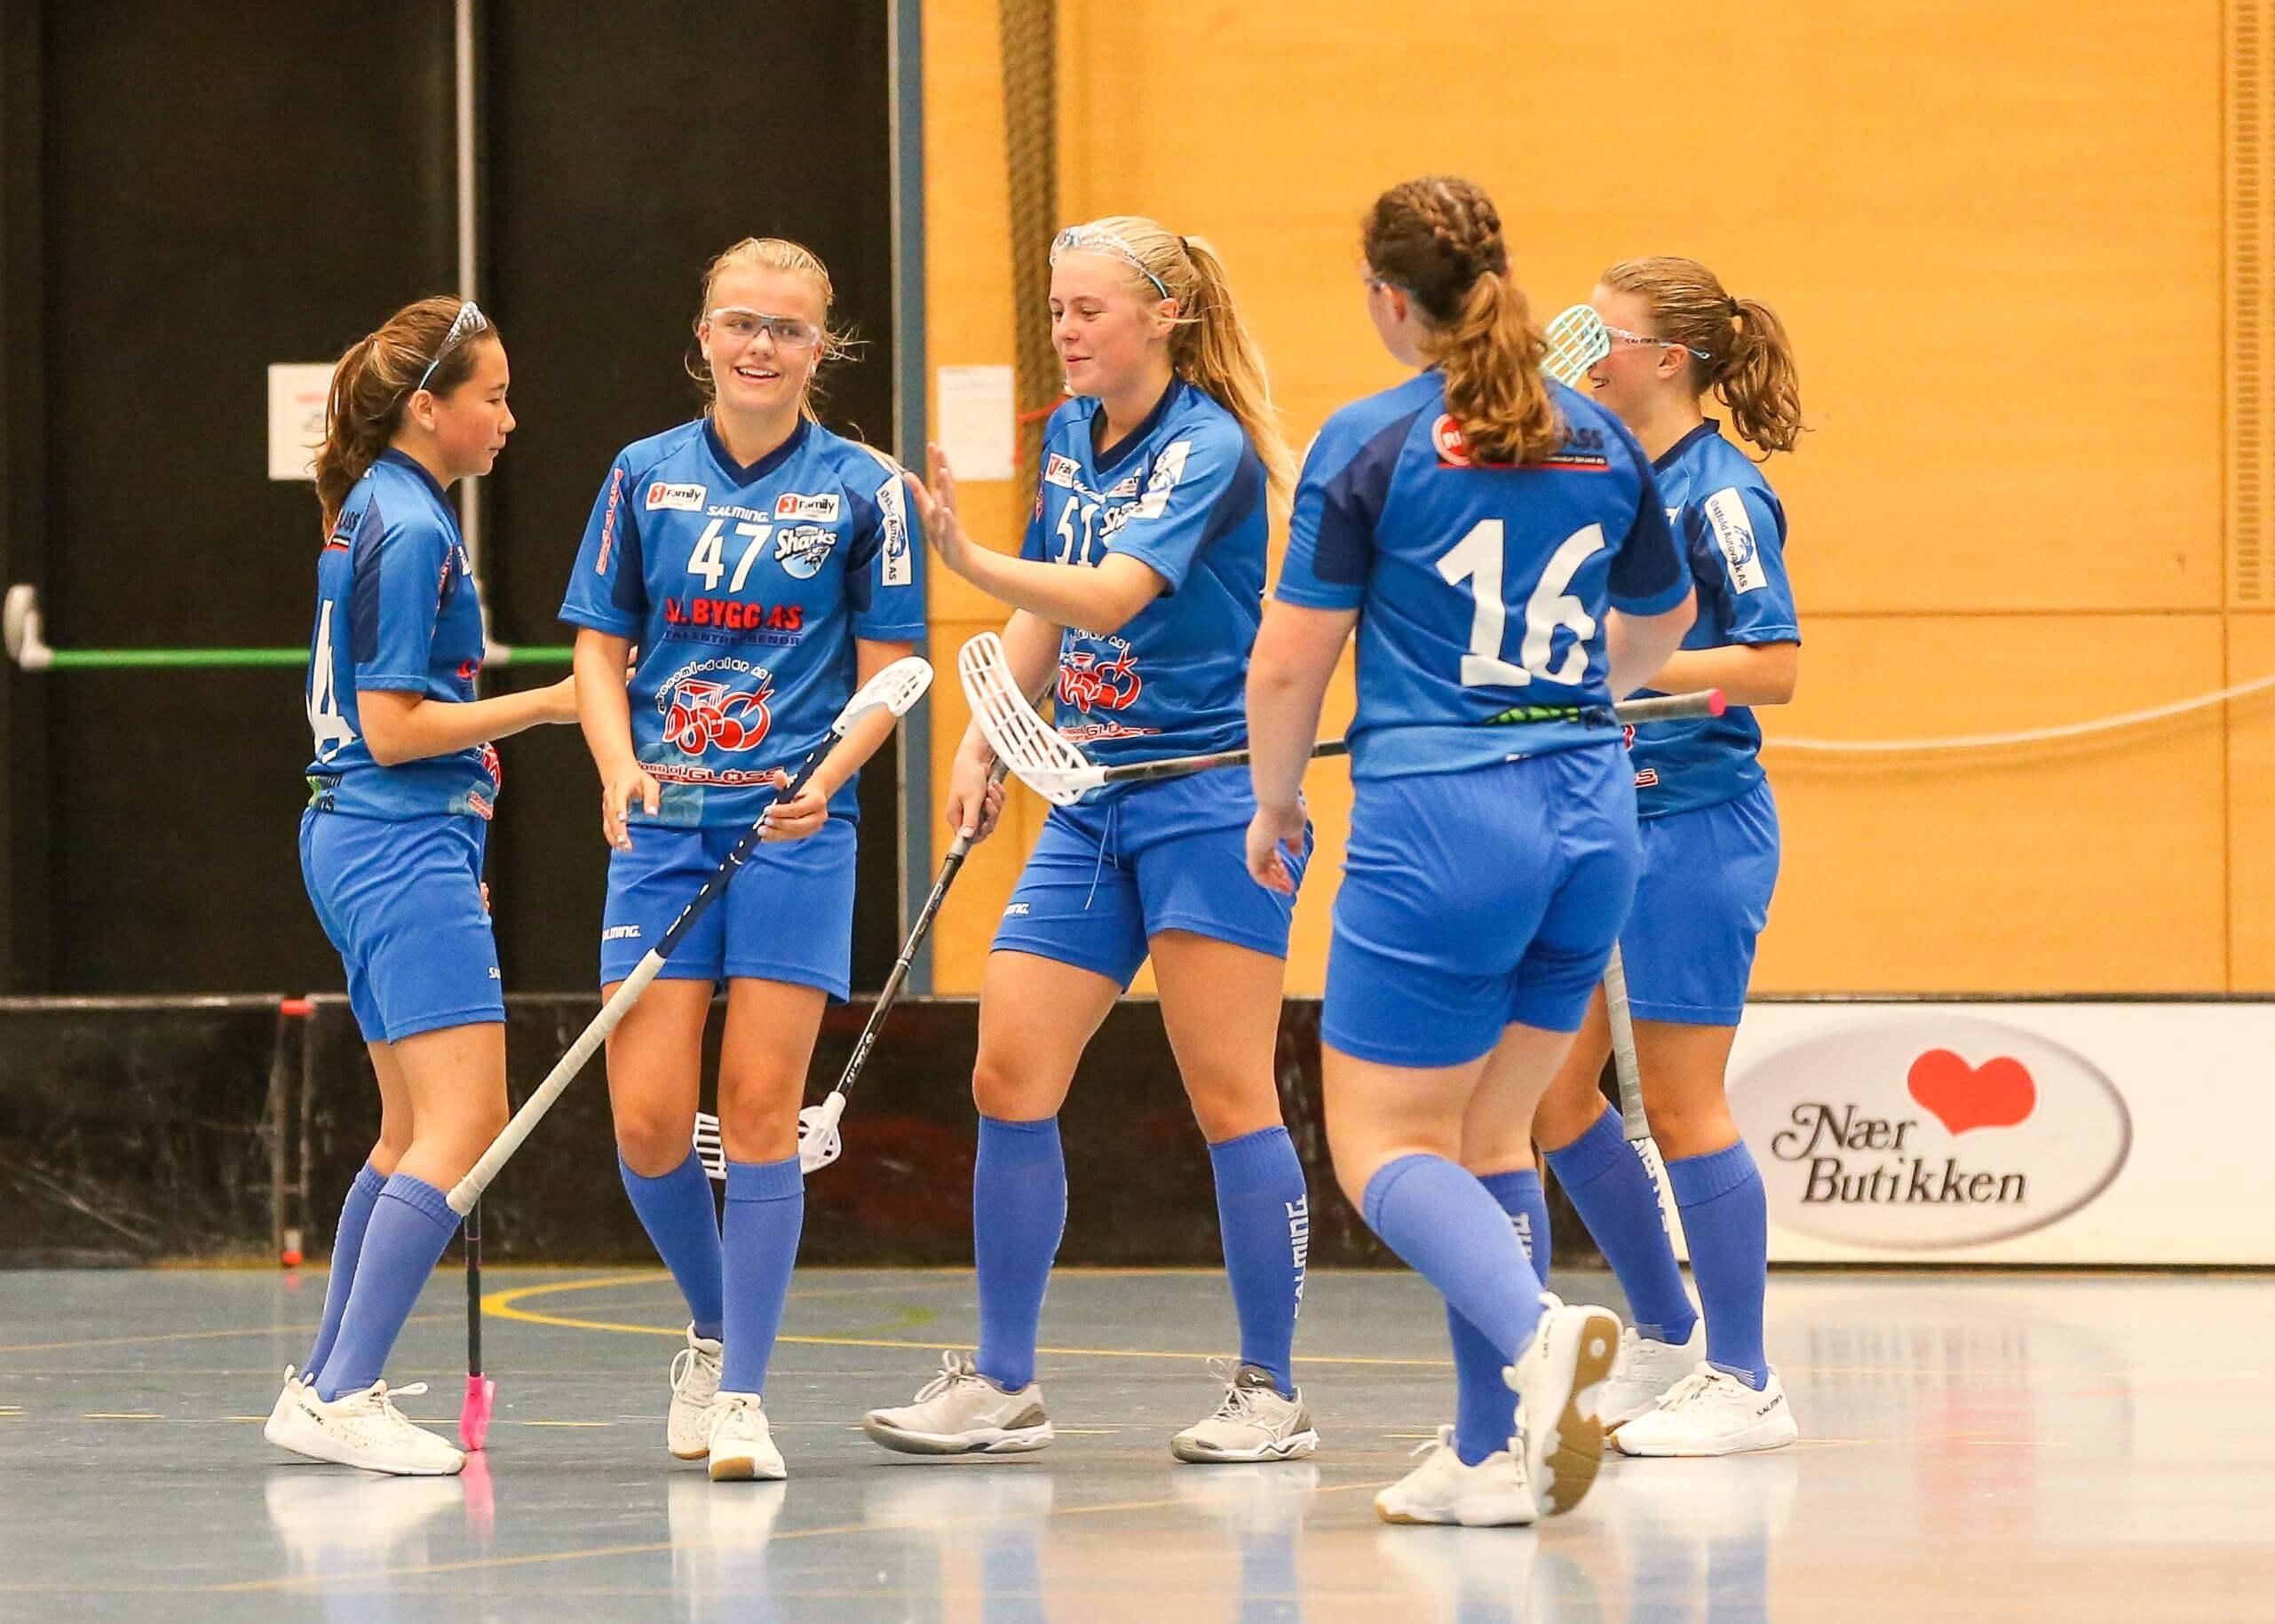 Det gror godt i Sarpsborg og flere unge spillere på vei opp. Foto: Kent Henriksen